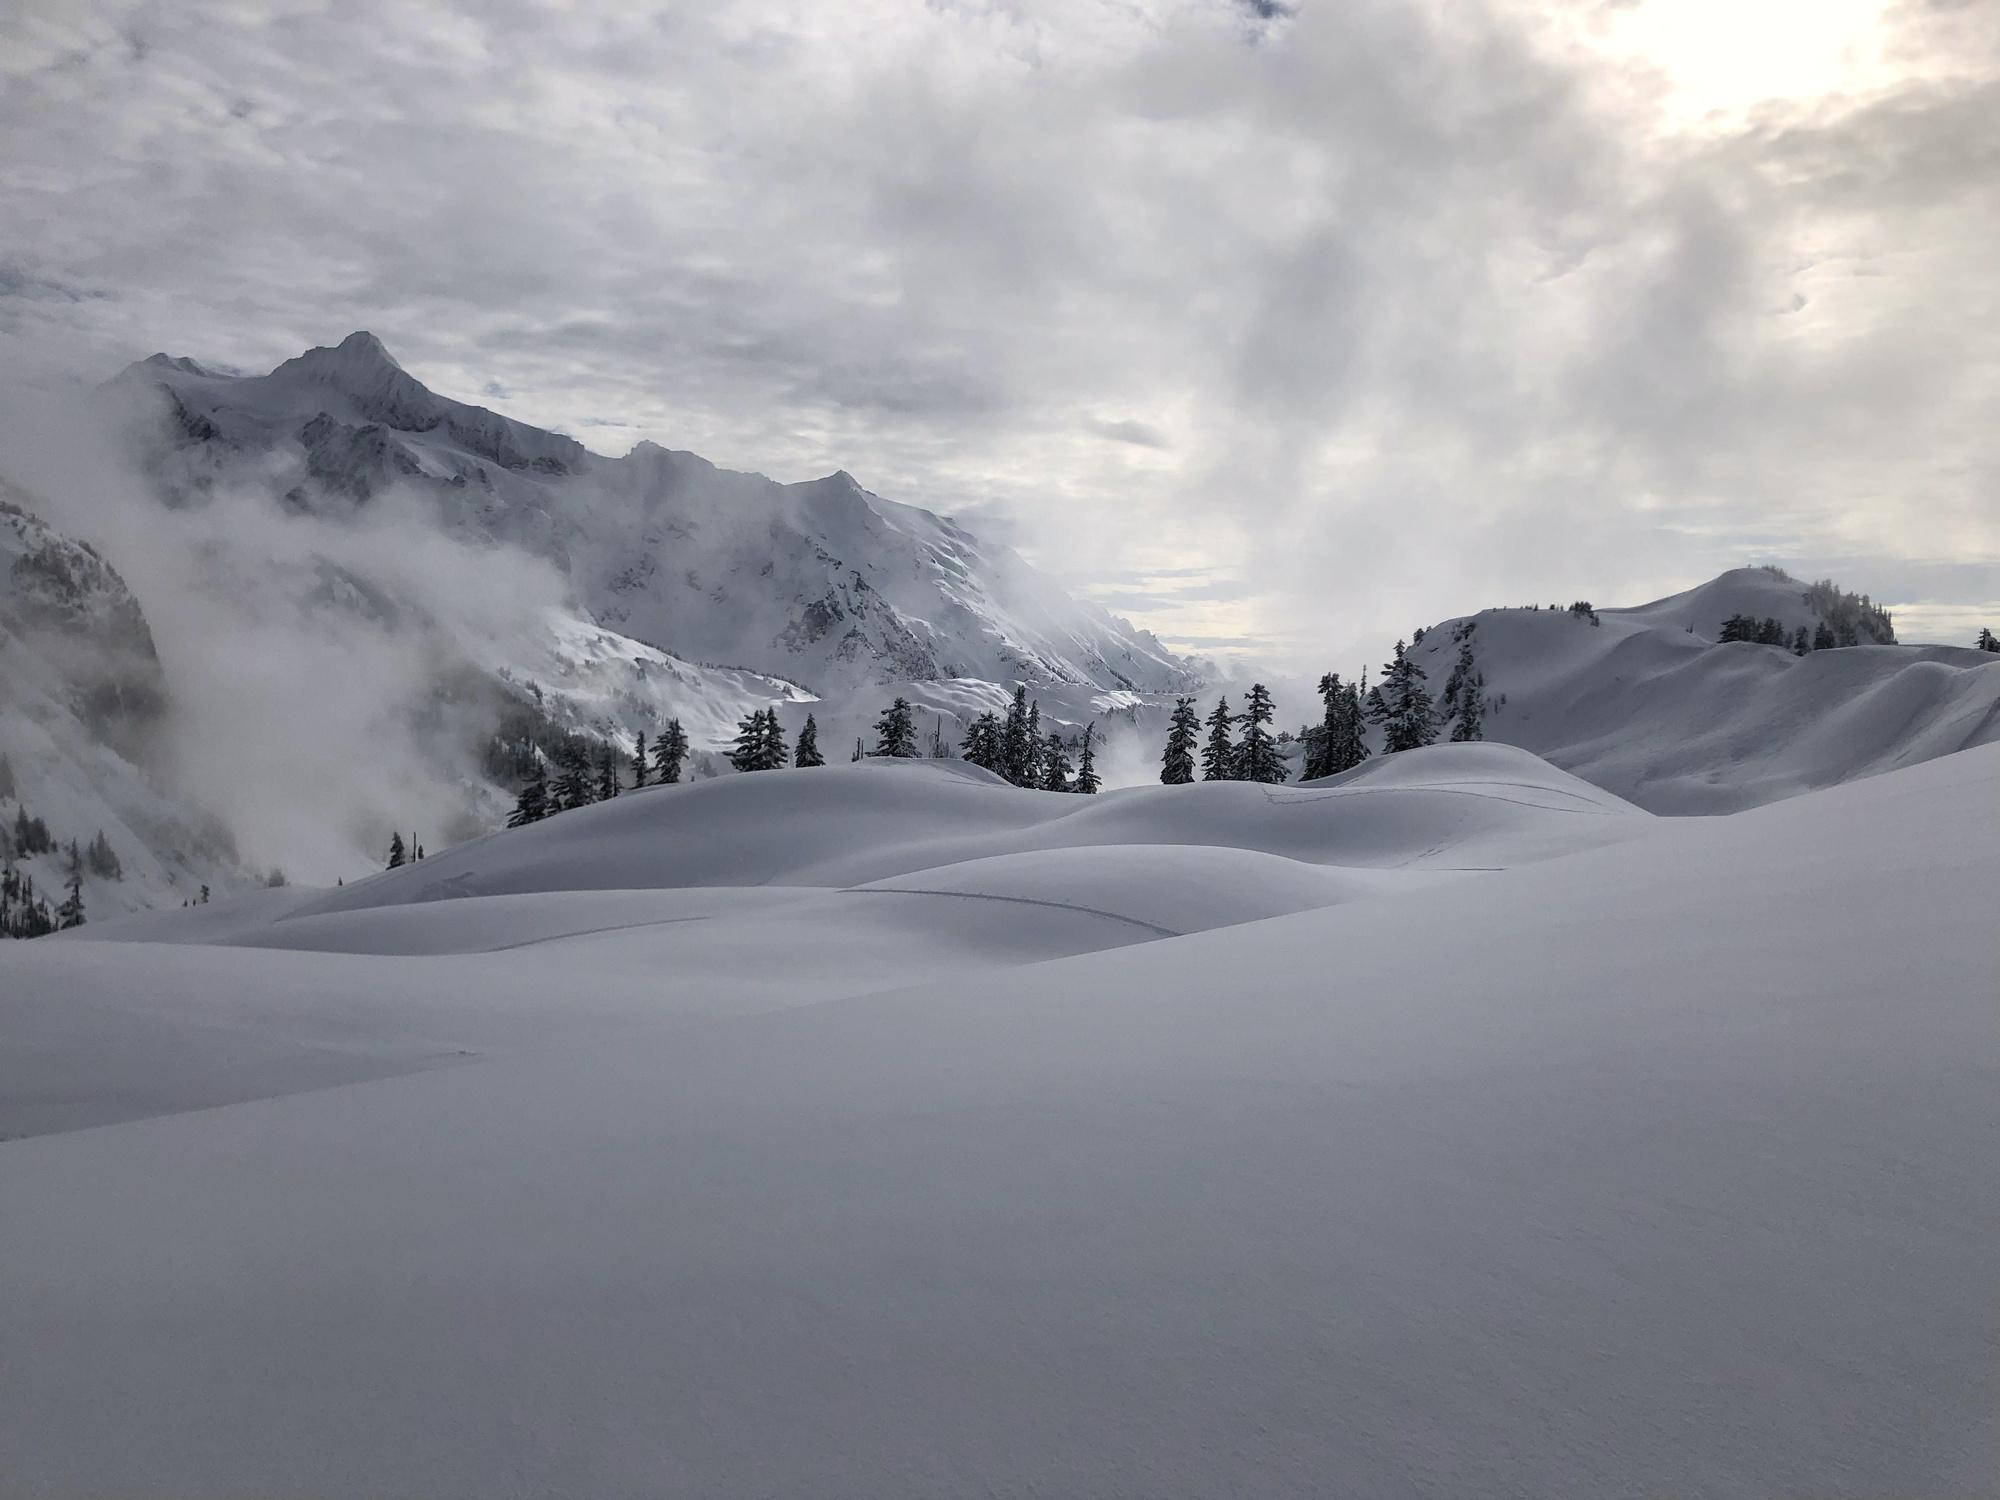 Mt. Baker, WA, landscapes, snowboarding